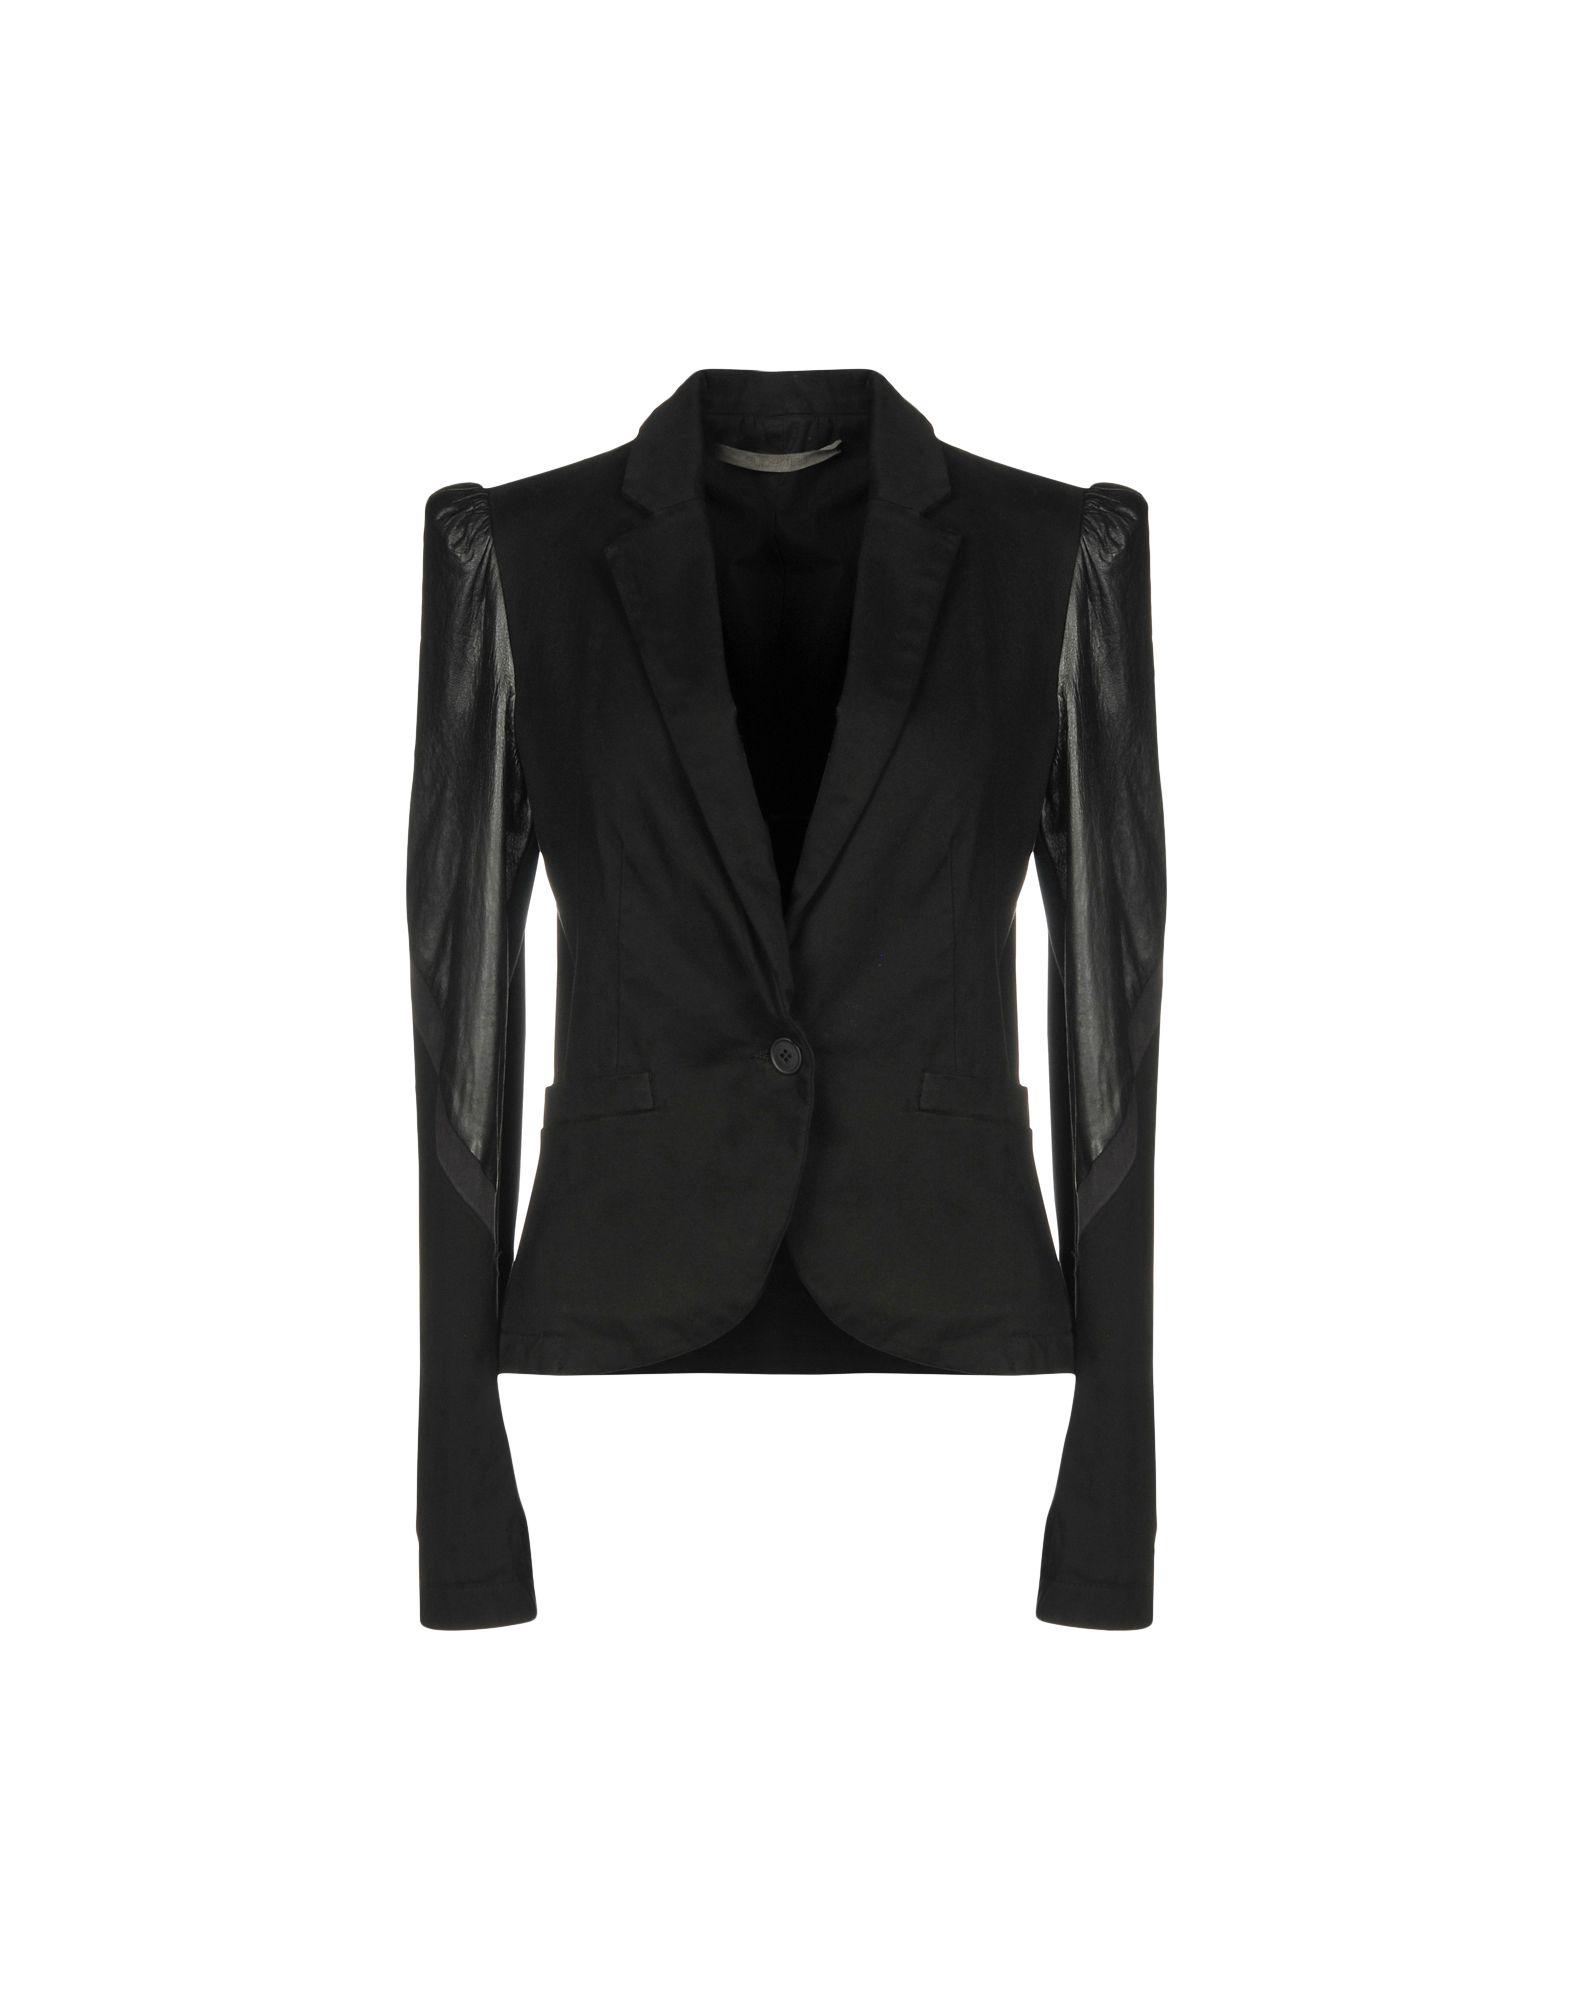 SUPERFINE Blazer in Black